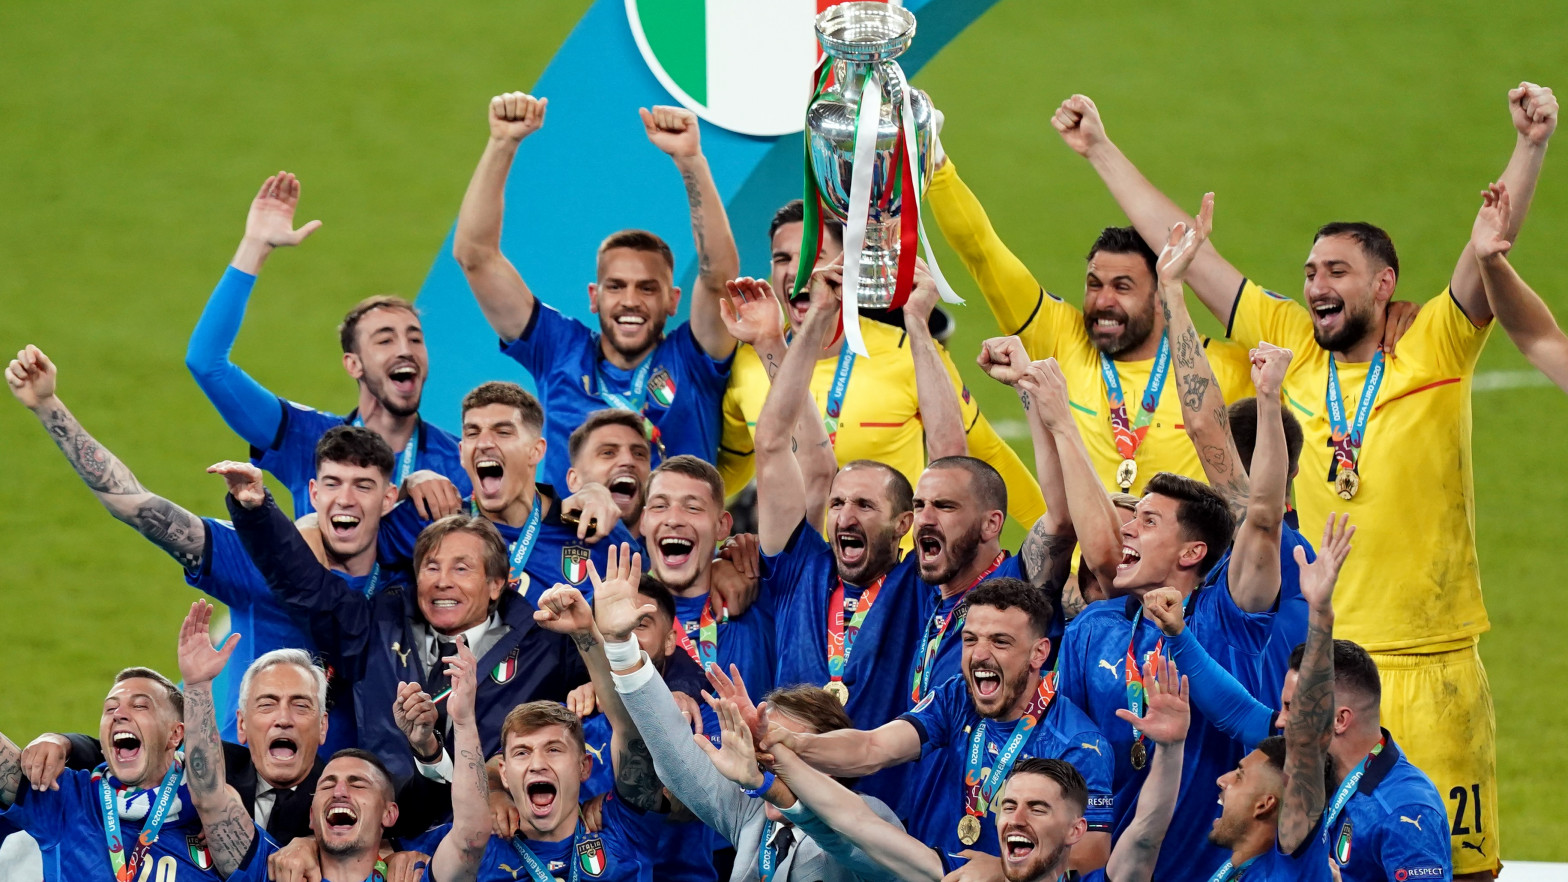 Italia se corona en Wembley tras ganar en los penaltis a Inglaterra